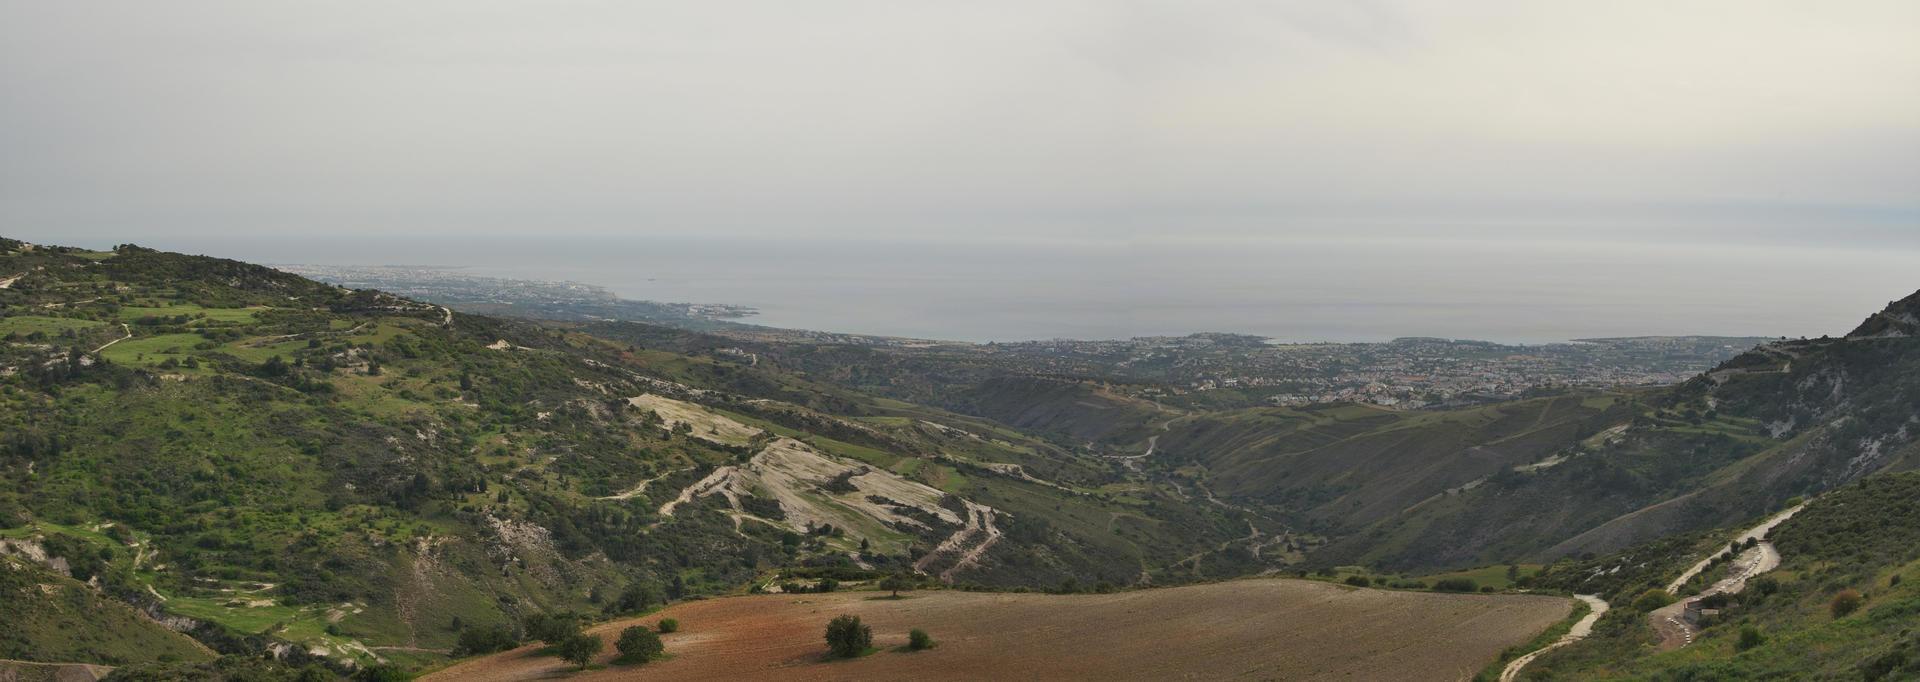 Západní pobřeží Kypru, cestou zpět do Paphosu